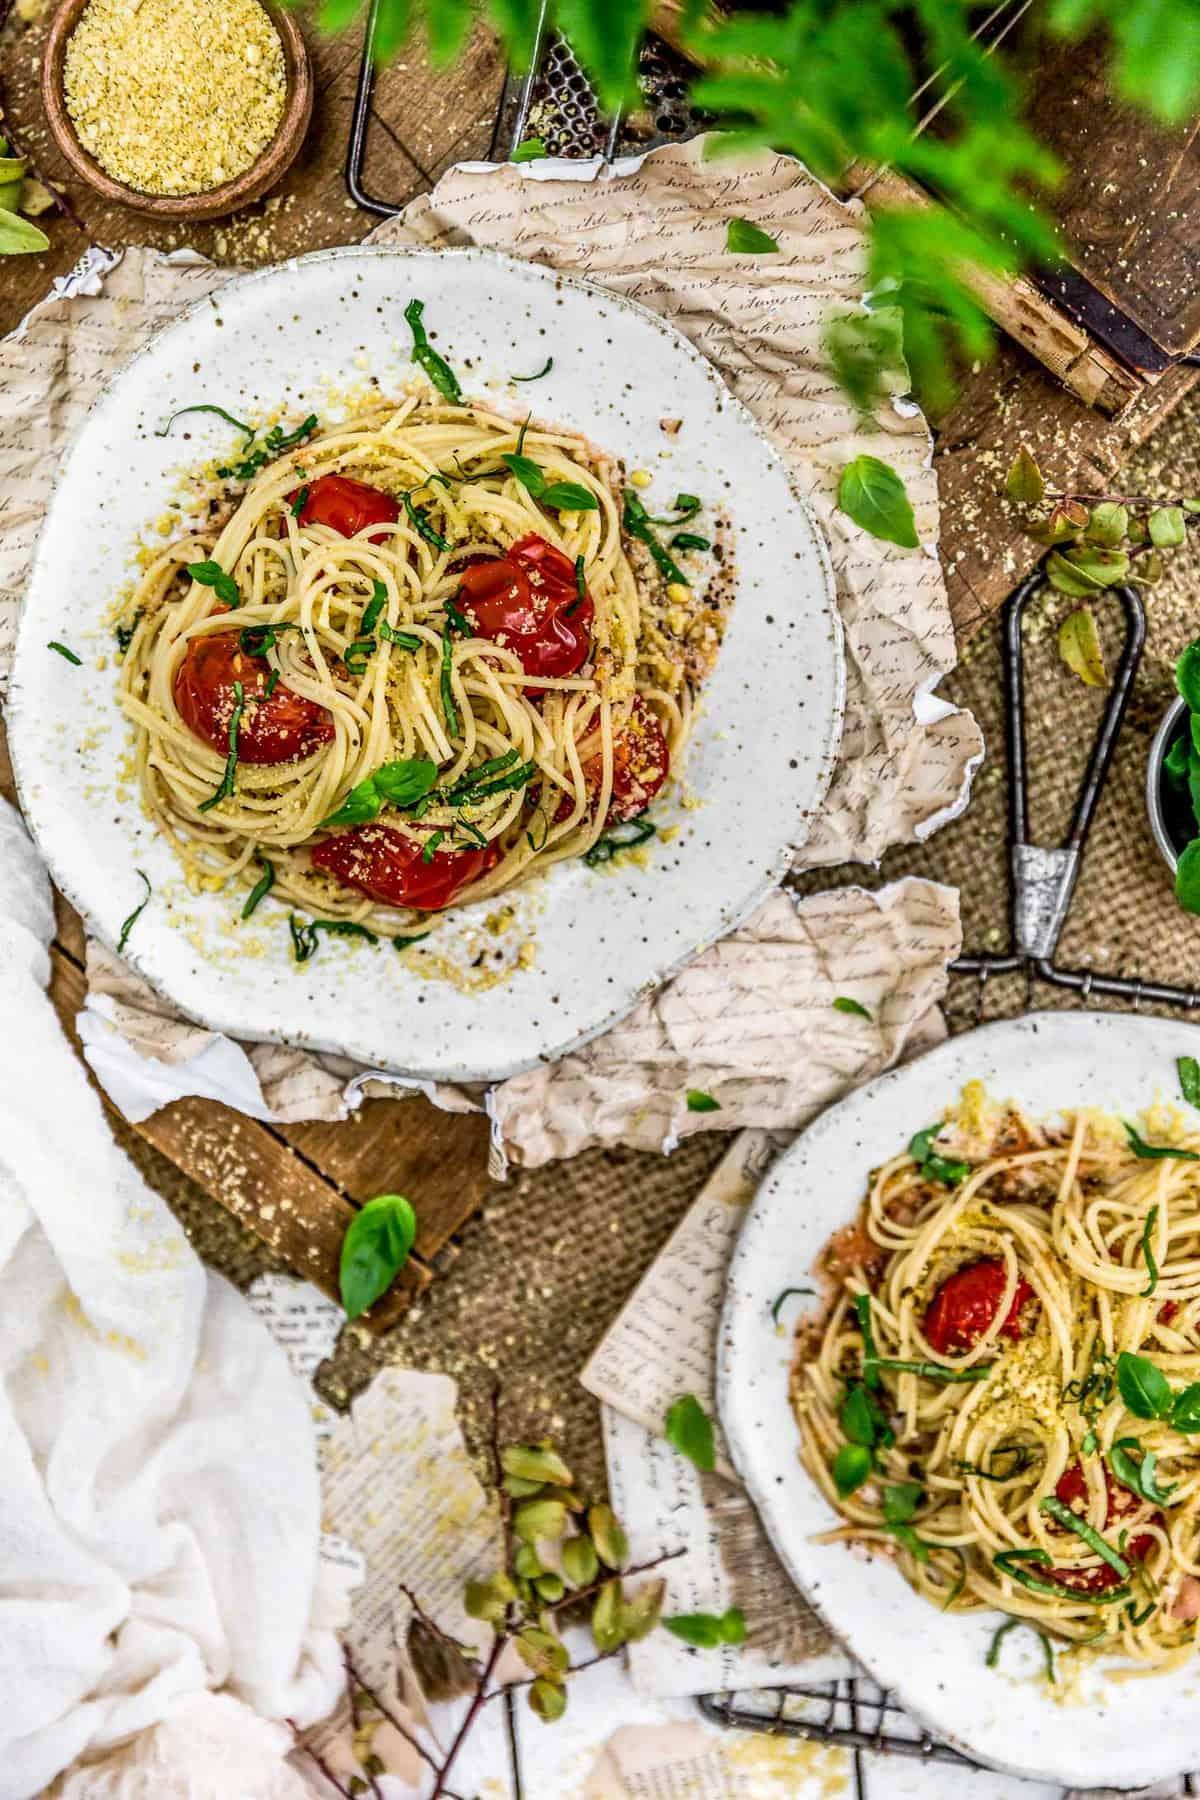 Tablescape of Italian Fresh Tomato Basil Pasta